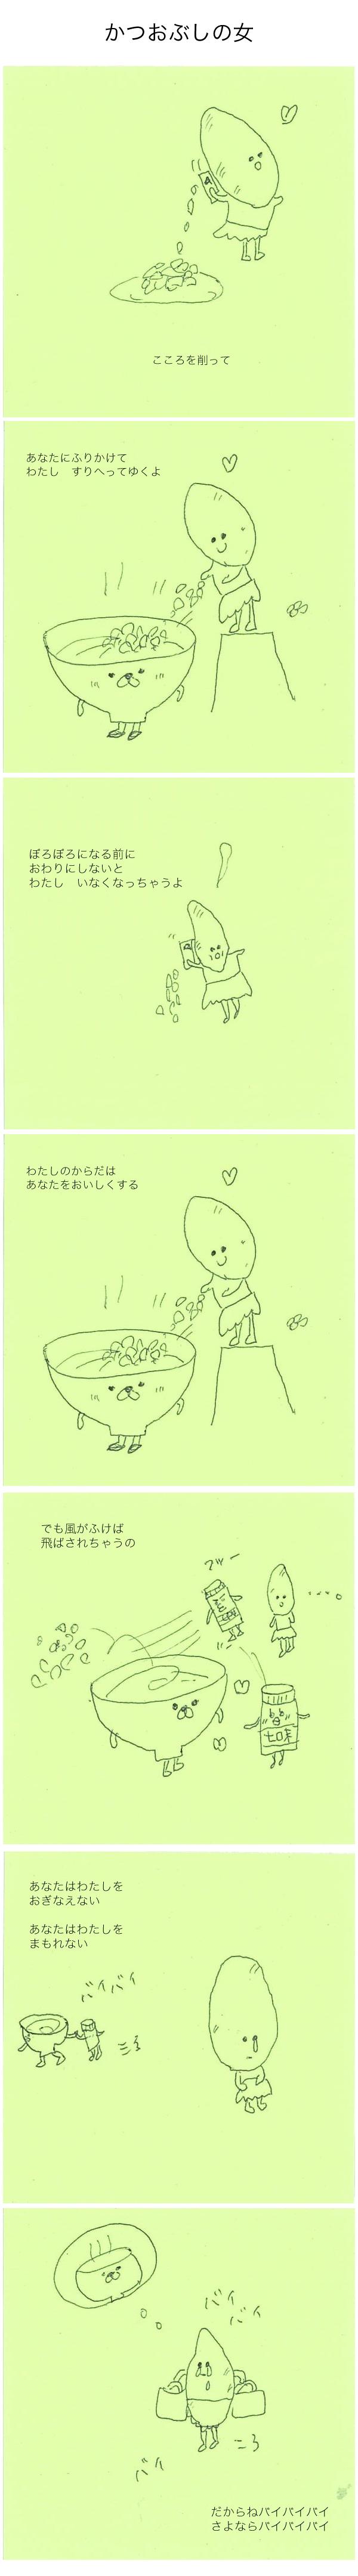 イラスト庵_r1_c1.jpg